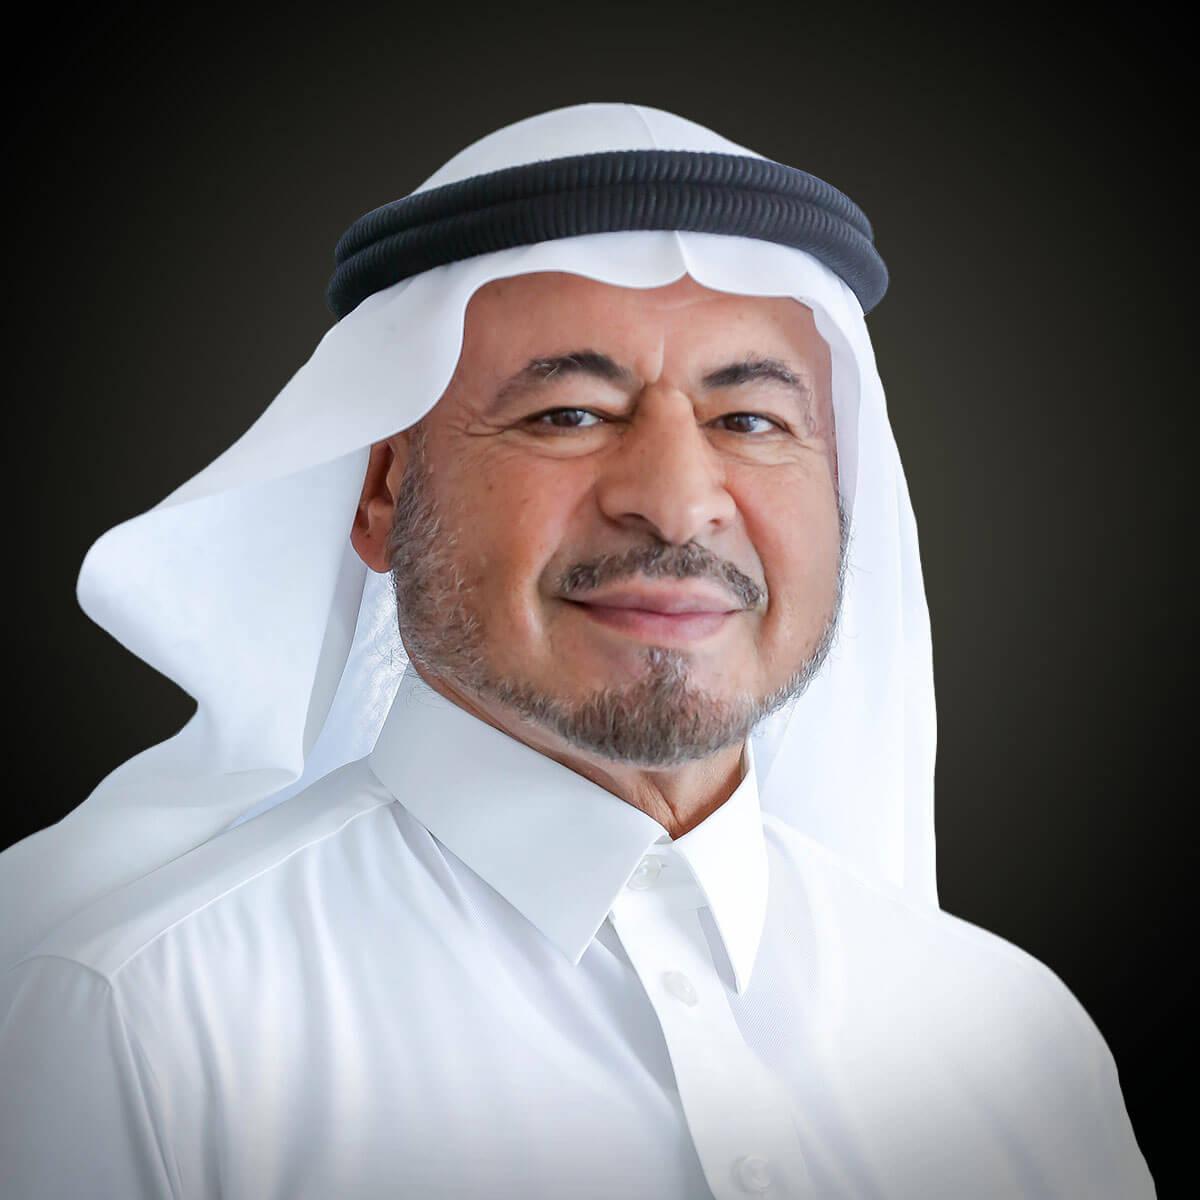 Bait Al Batterjee Group